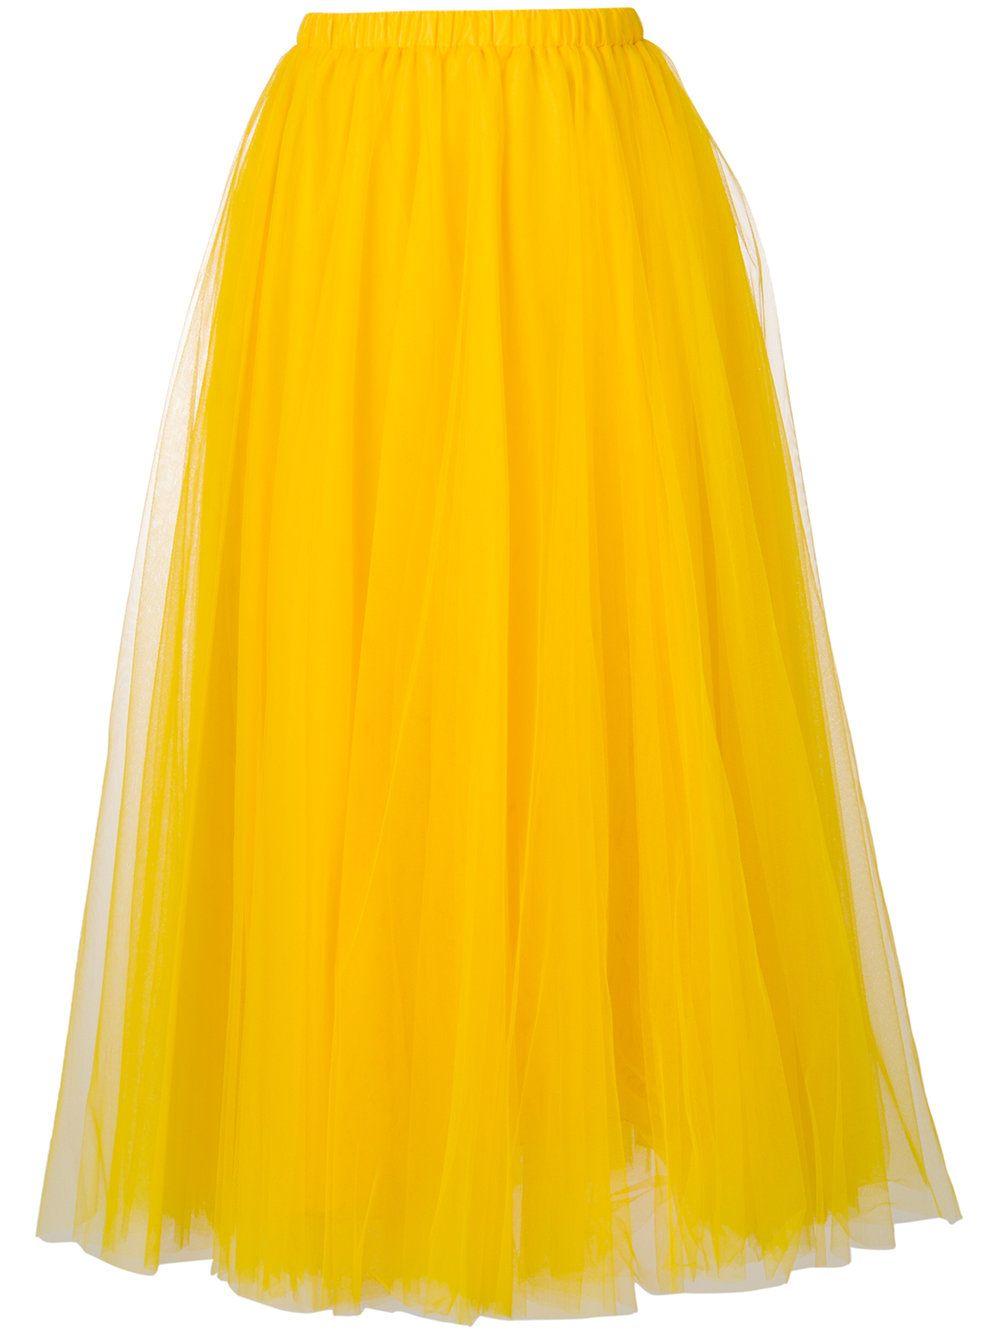 Falda Midi De Gasa De Color Amarillo Mostaza De Rochas El Amarillo Es El Nuevo Neutro Y El Color Rey De Orange Midi Skirt Midi Skirt Knee Length Tulle Skirt